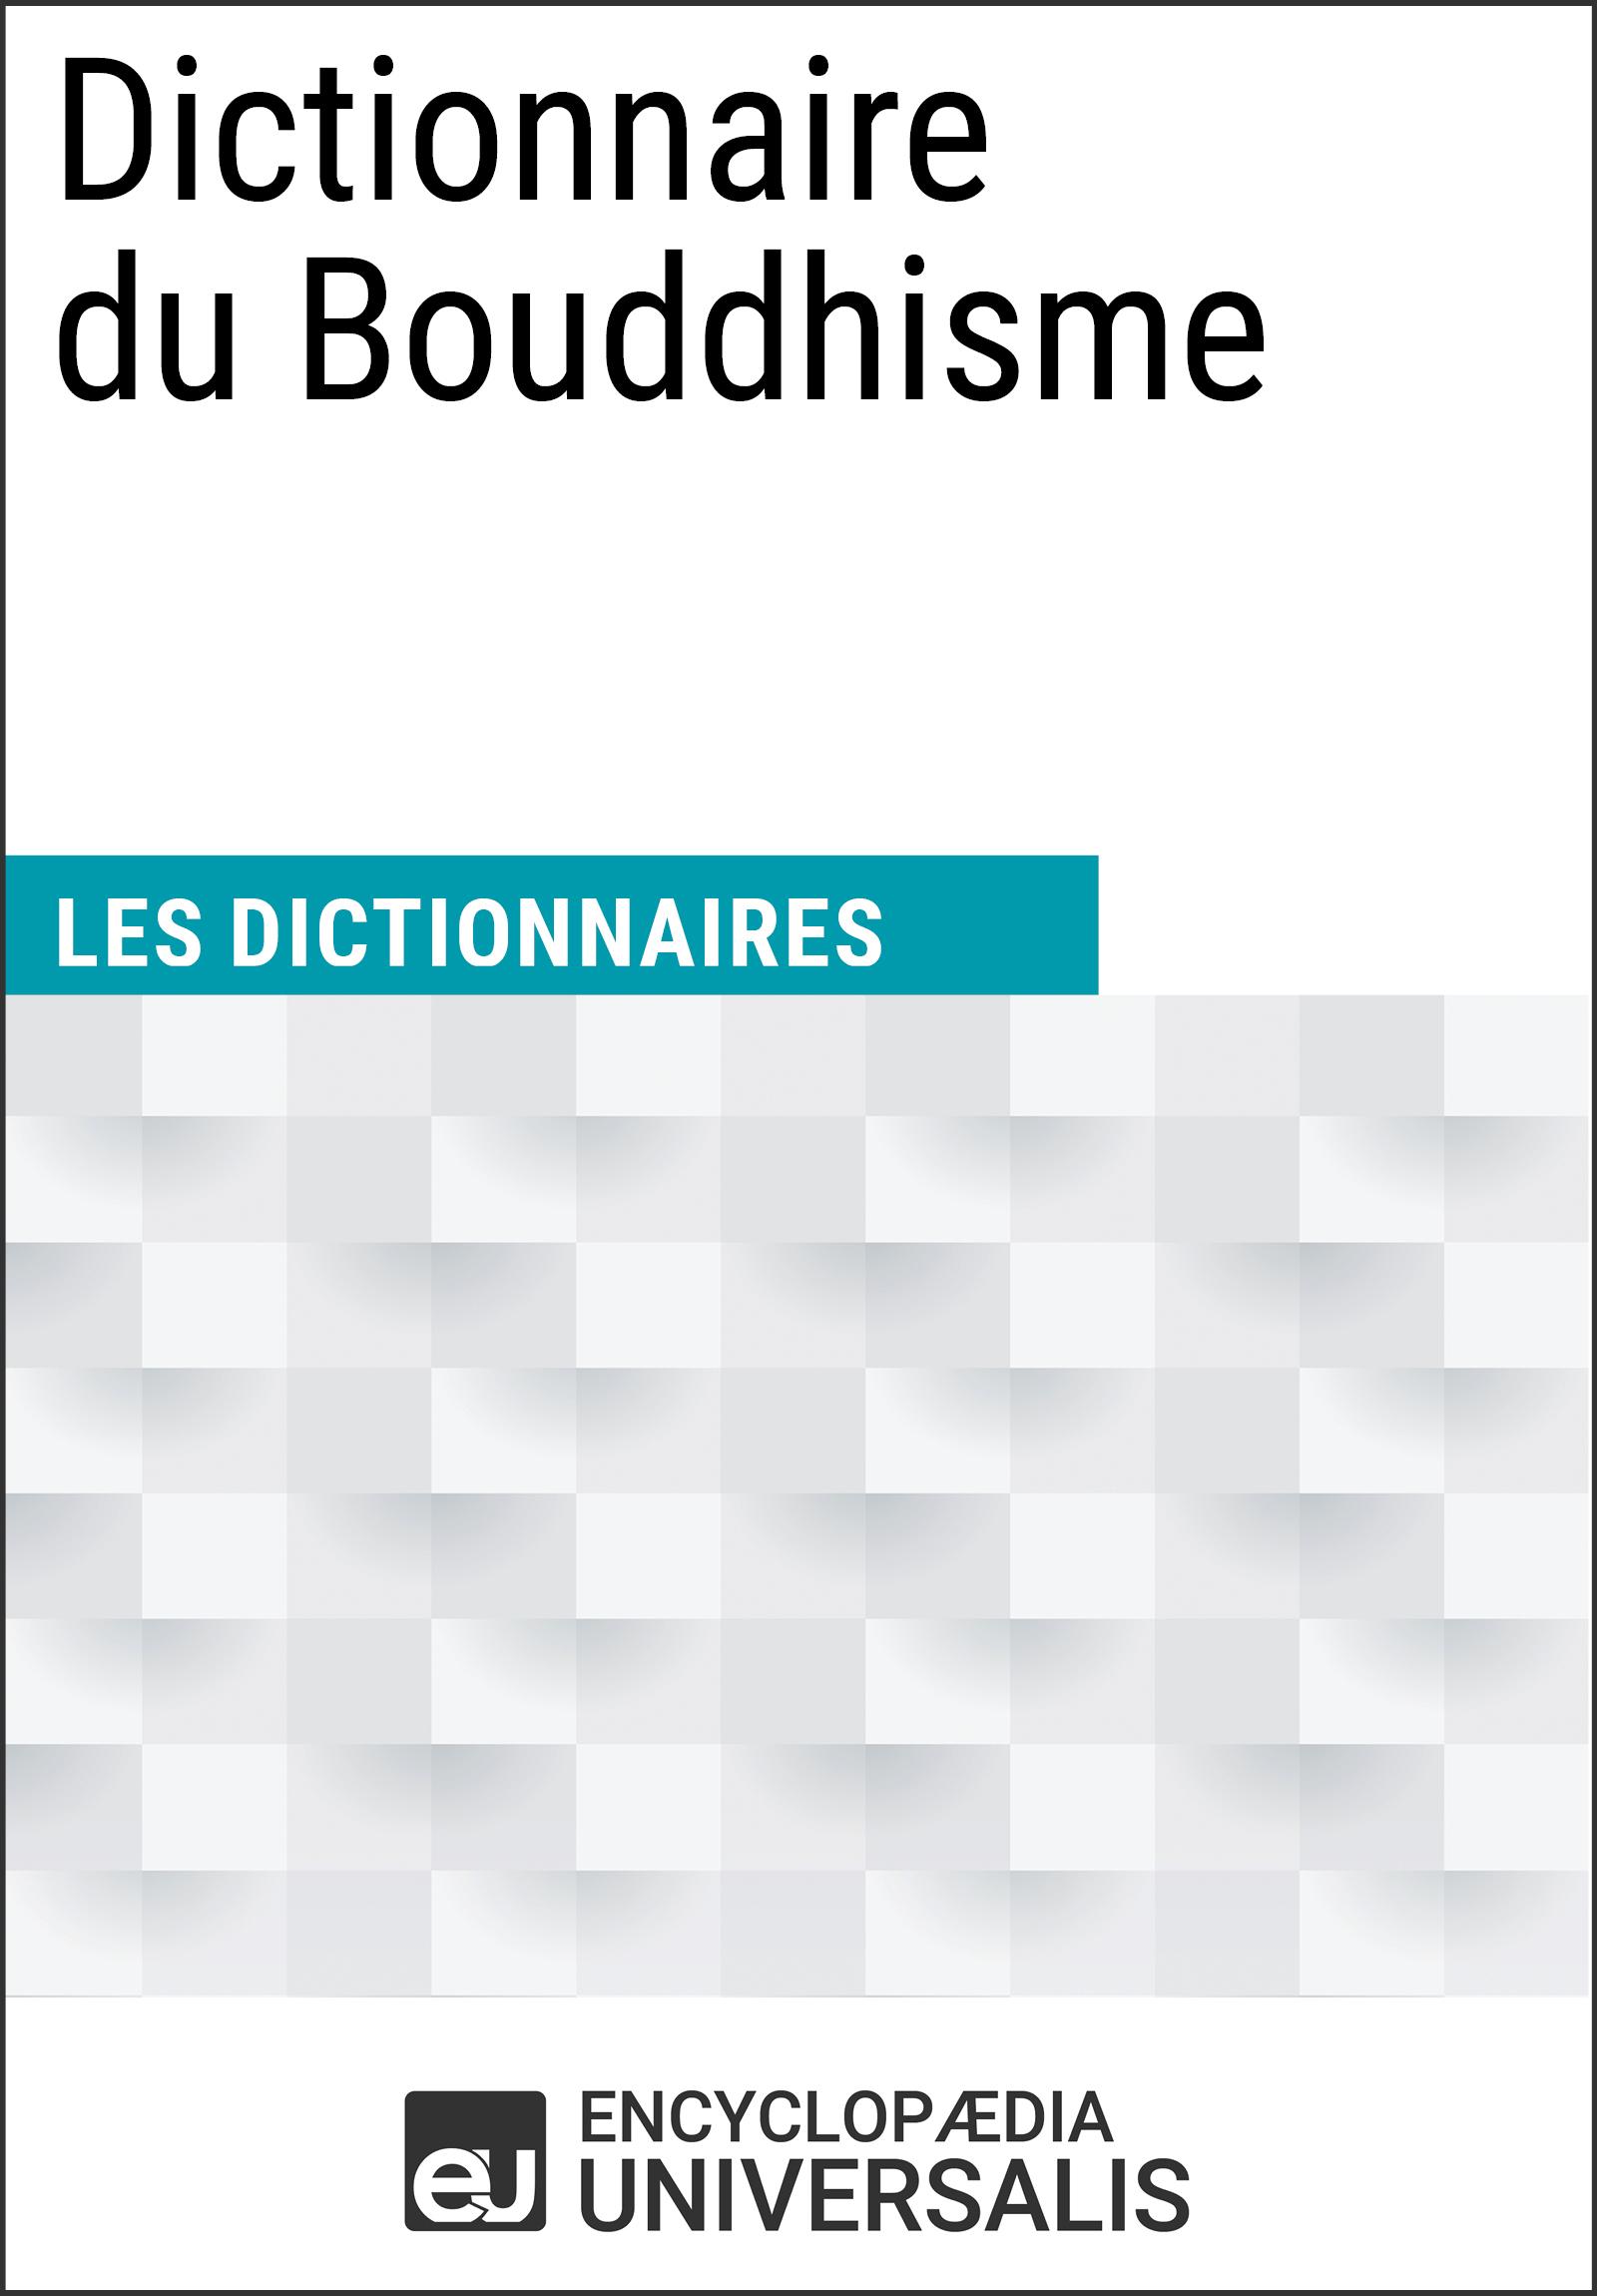 Dictionnaire du Bouddhisme